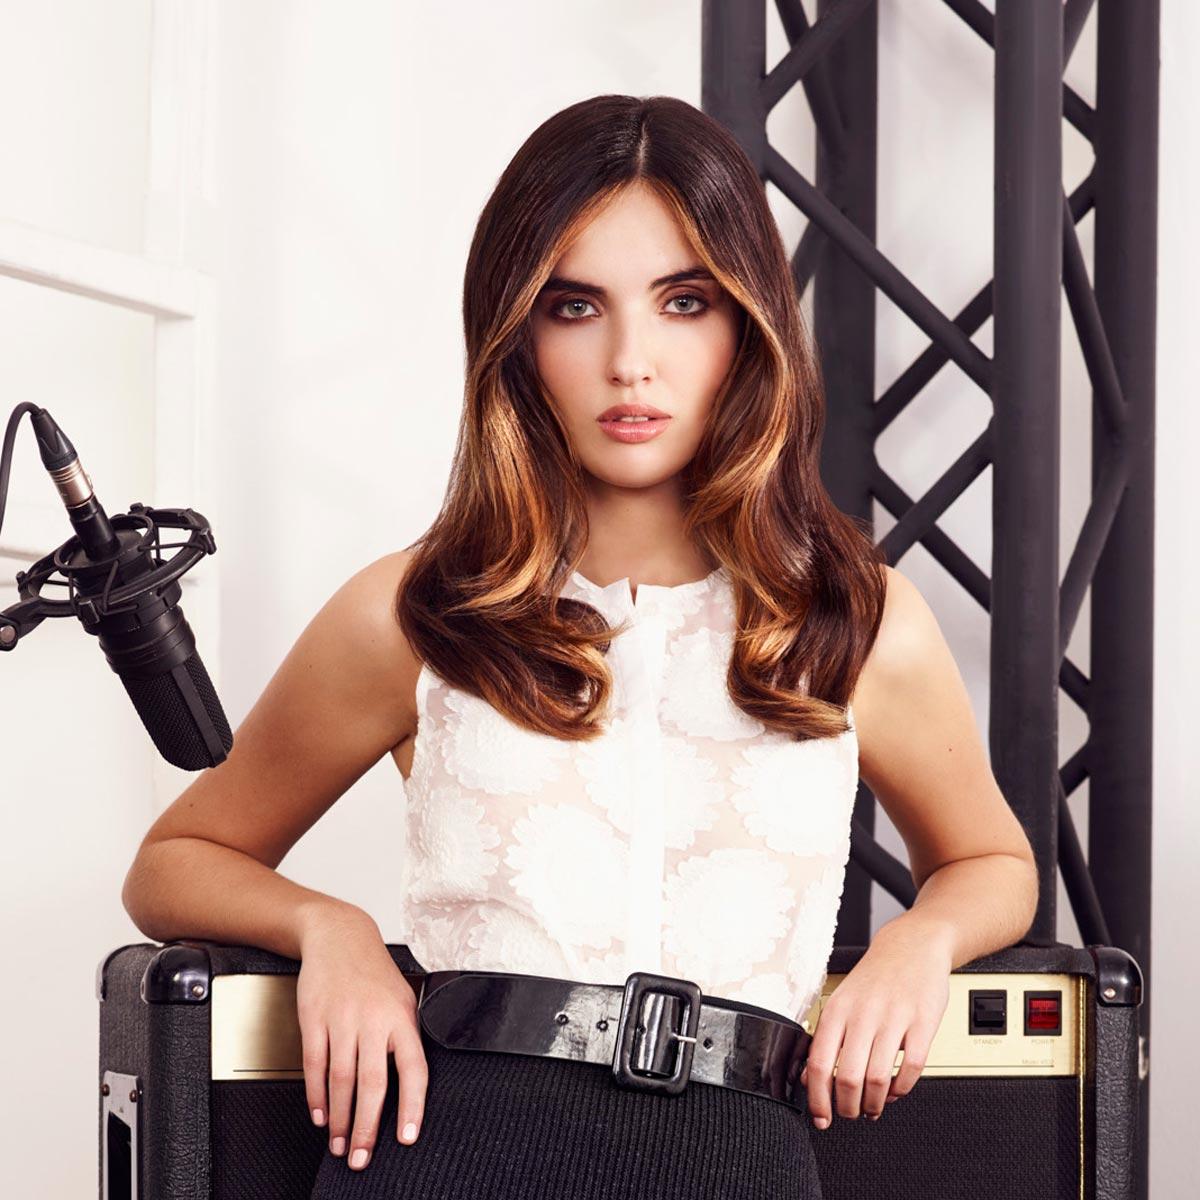 Melírovací techniky 2015 – contouring: zkuste melírování vlasů ve stylu speciální aplikace make-upu, jehož propagátorem je například Kim Kardashian.